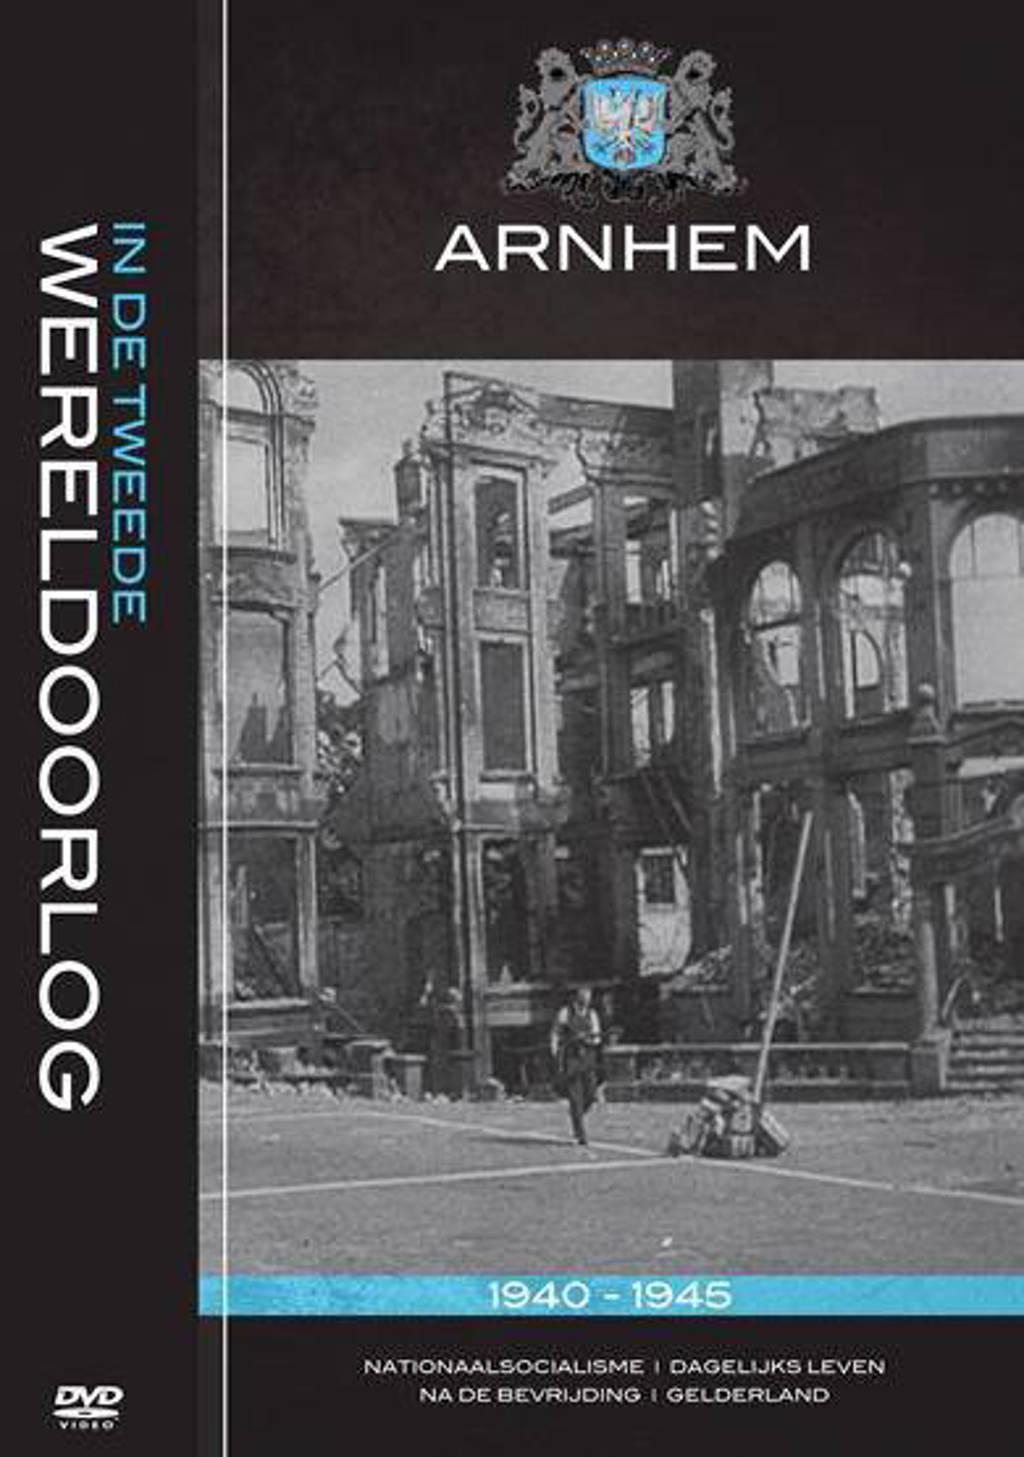 Arnhem in de tweede wereldoorlog (DVD)